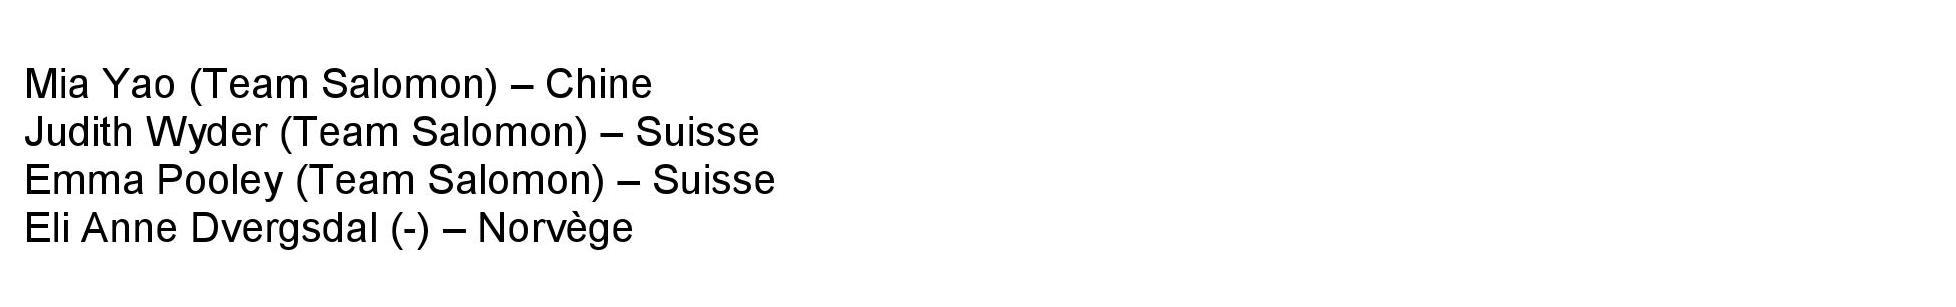 0005 e1549470931908 - LA LISTE DES ATHLÈTES DU GOLDEN TRAIL WORLD SERIES 2019 DÉVOILÉE !